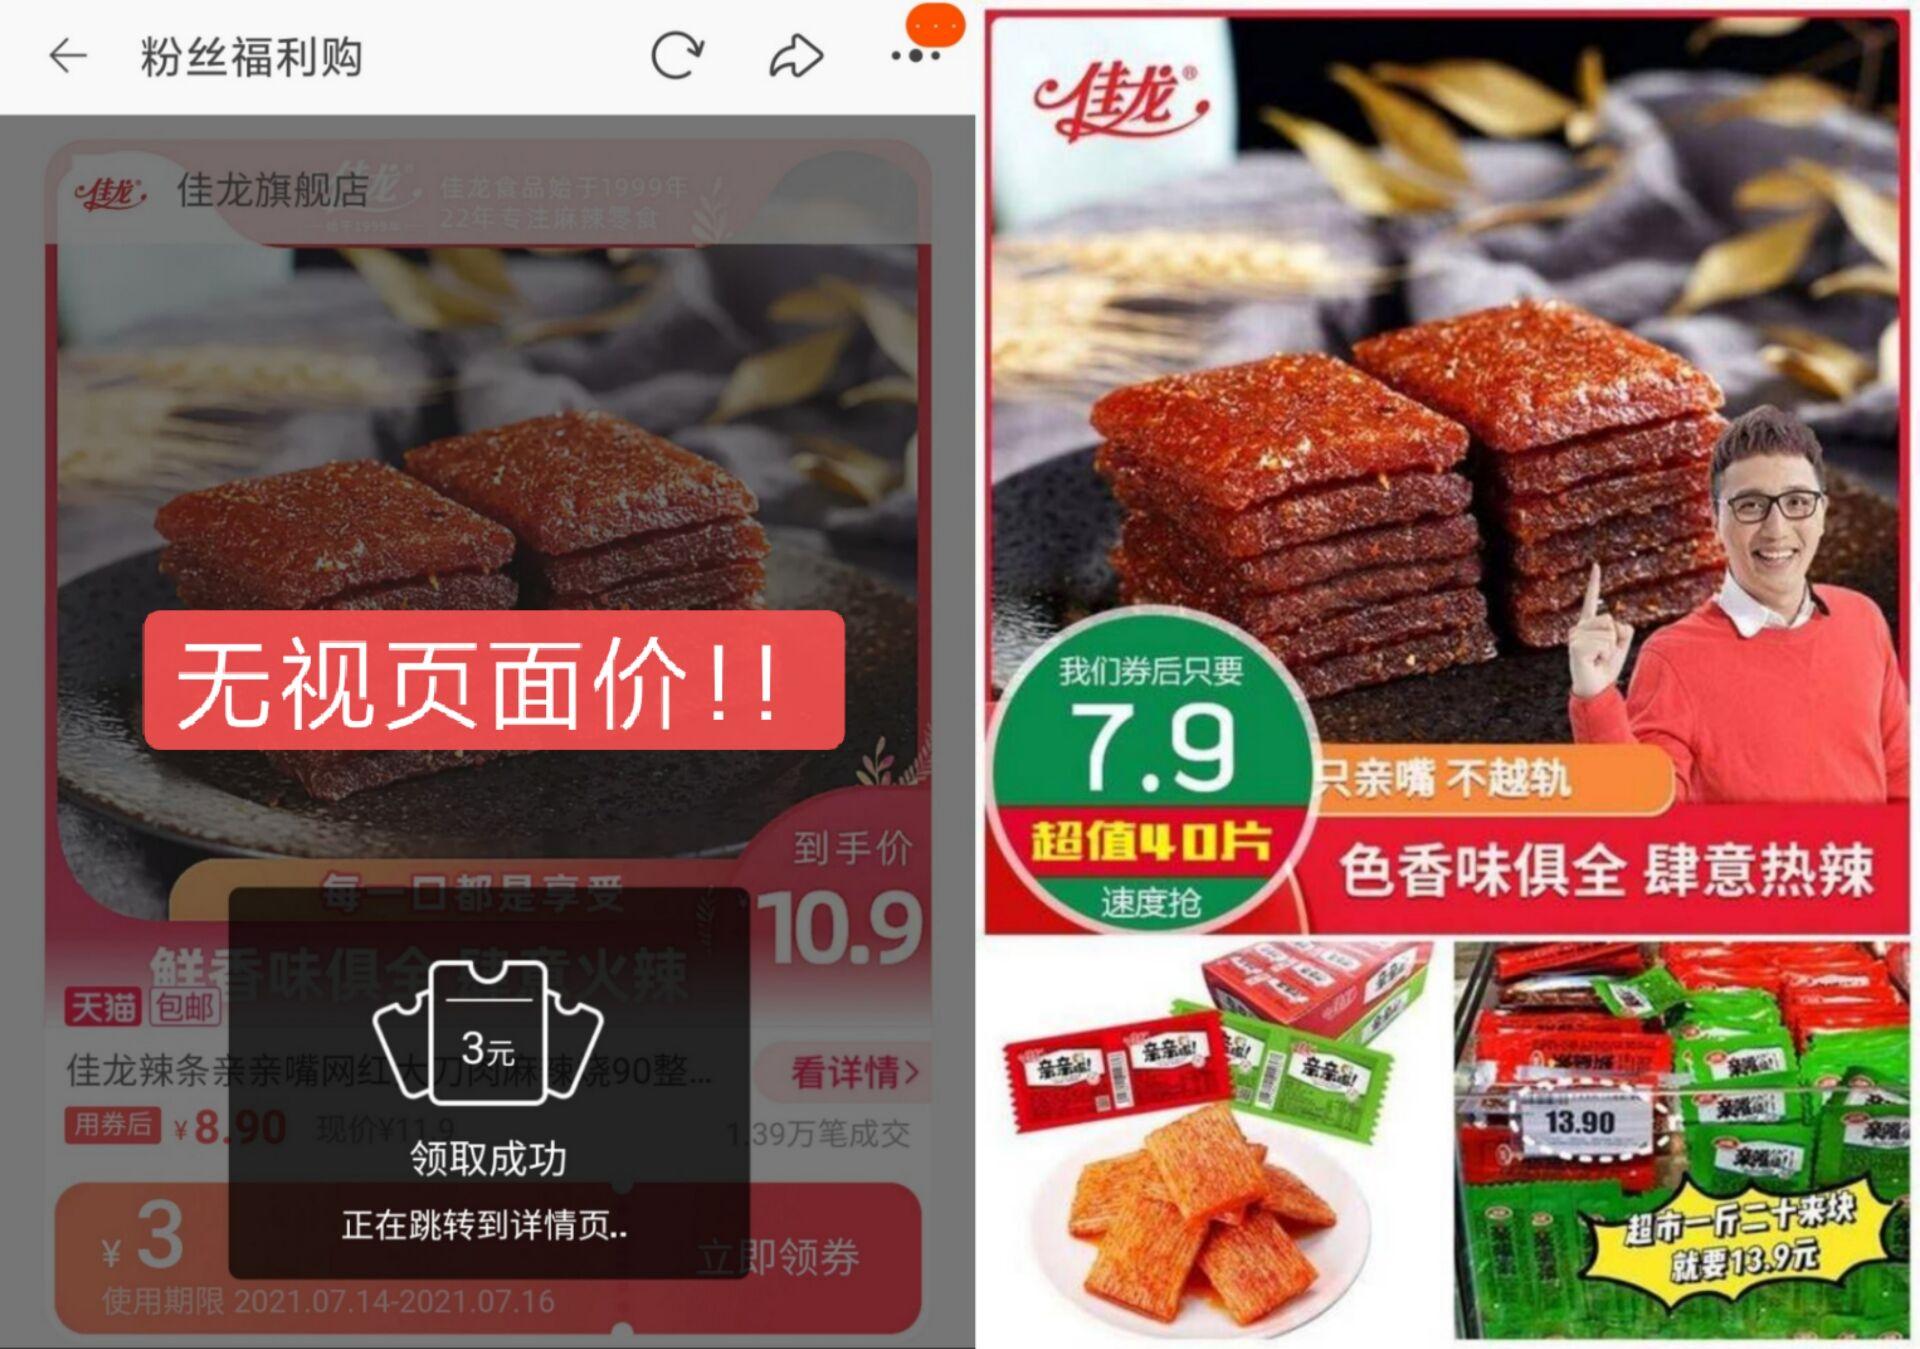 7.9元撸佳龙亲嘴烧麻辣40包